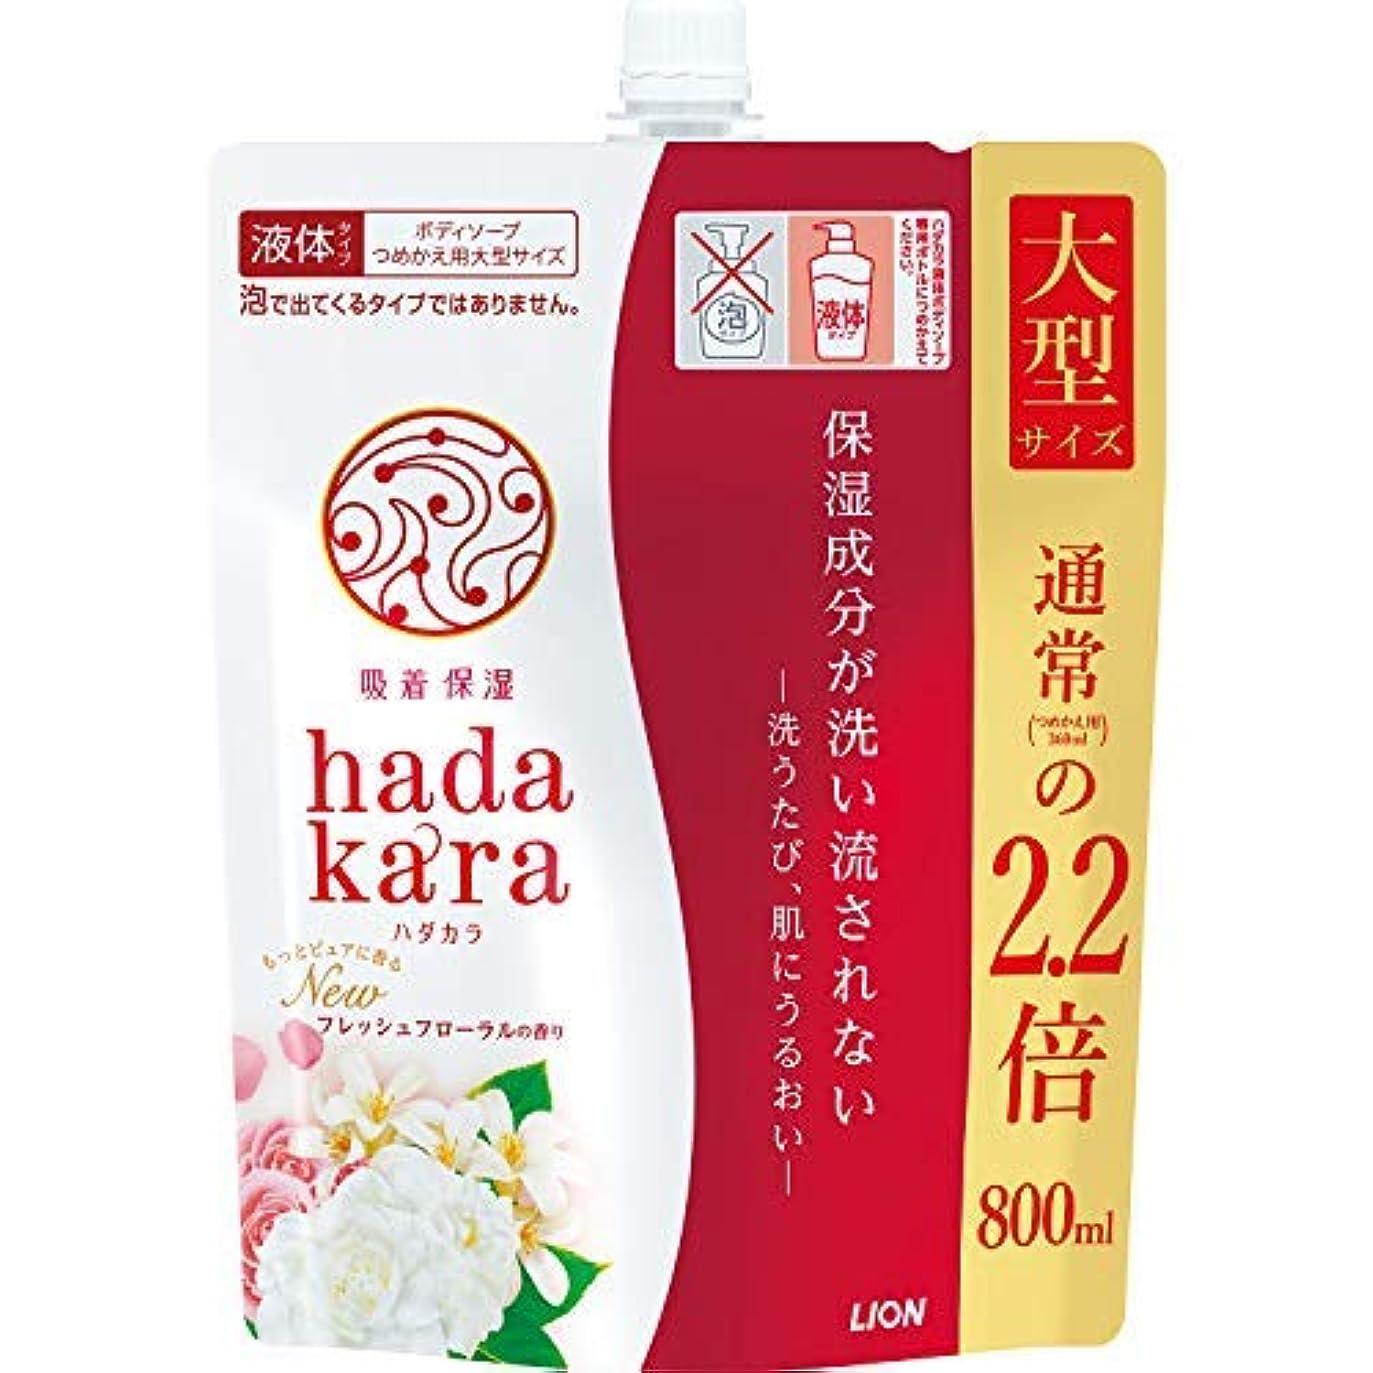 移住する仮定松明hadakara(ハダカラ)ボディソープ フレッシュフローラルの香り 詰替え用 大型サイズ 800ml × 8個セット